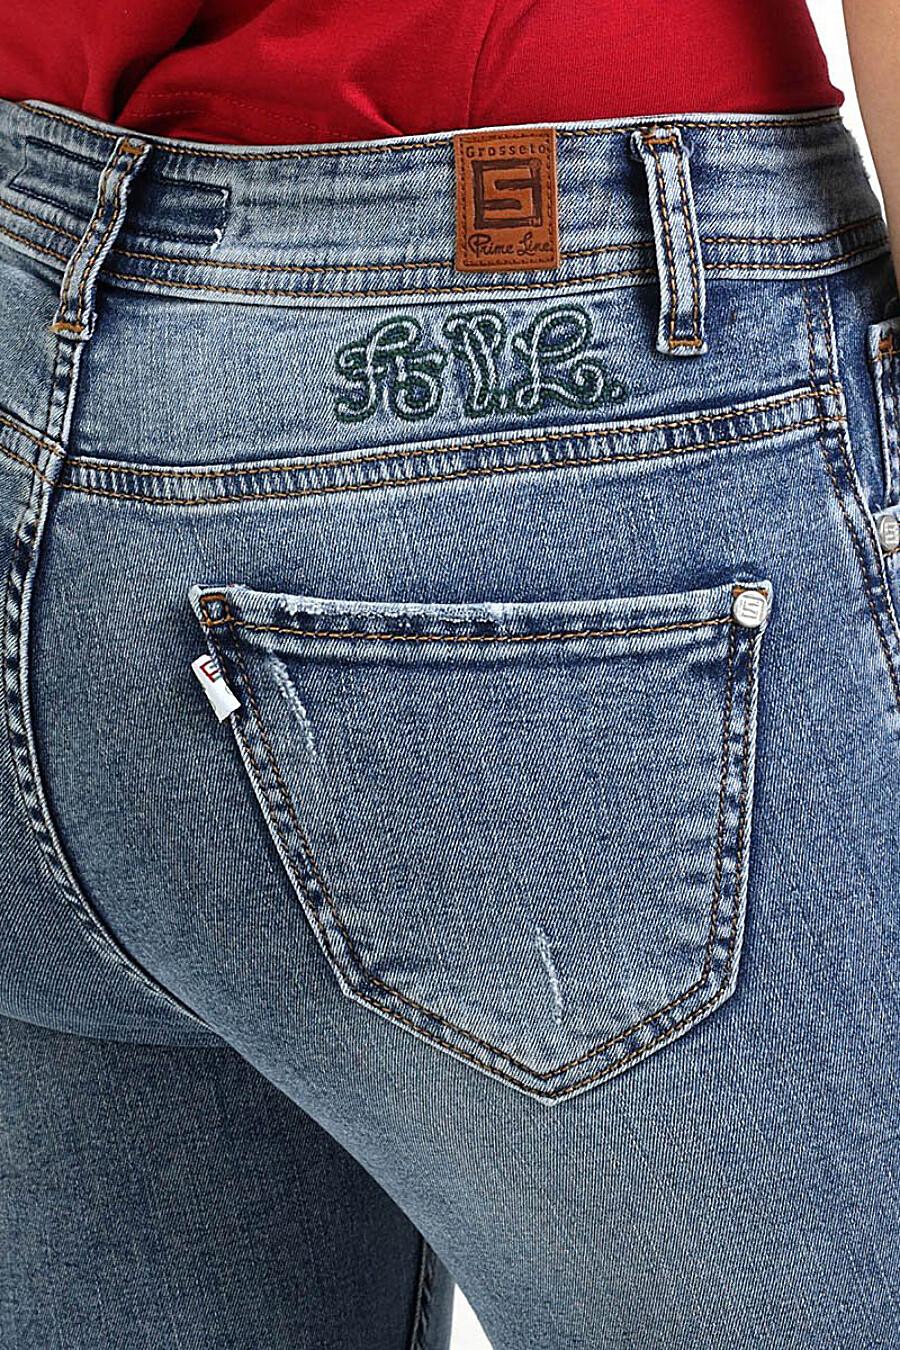 Джинсы для женщин F5 184841 купить оптом от производителя. Совместная покупка женской одежды в OptMoyo